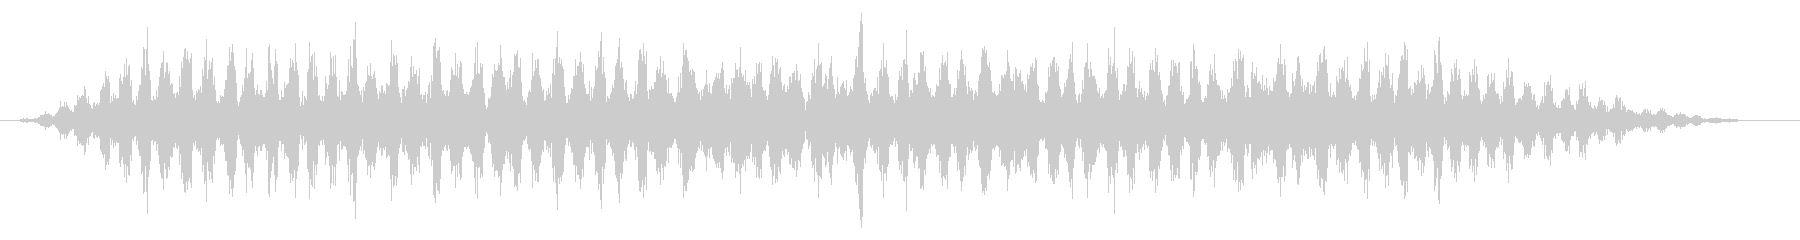 カエル/田舎/梅雨(10秒Ver.)の未再生の波形